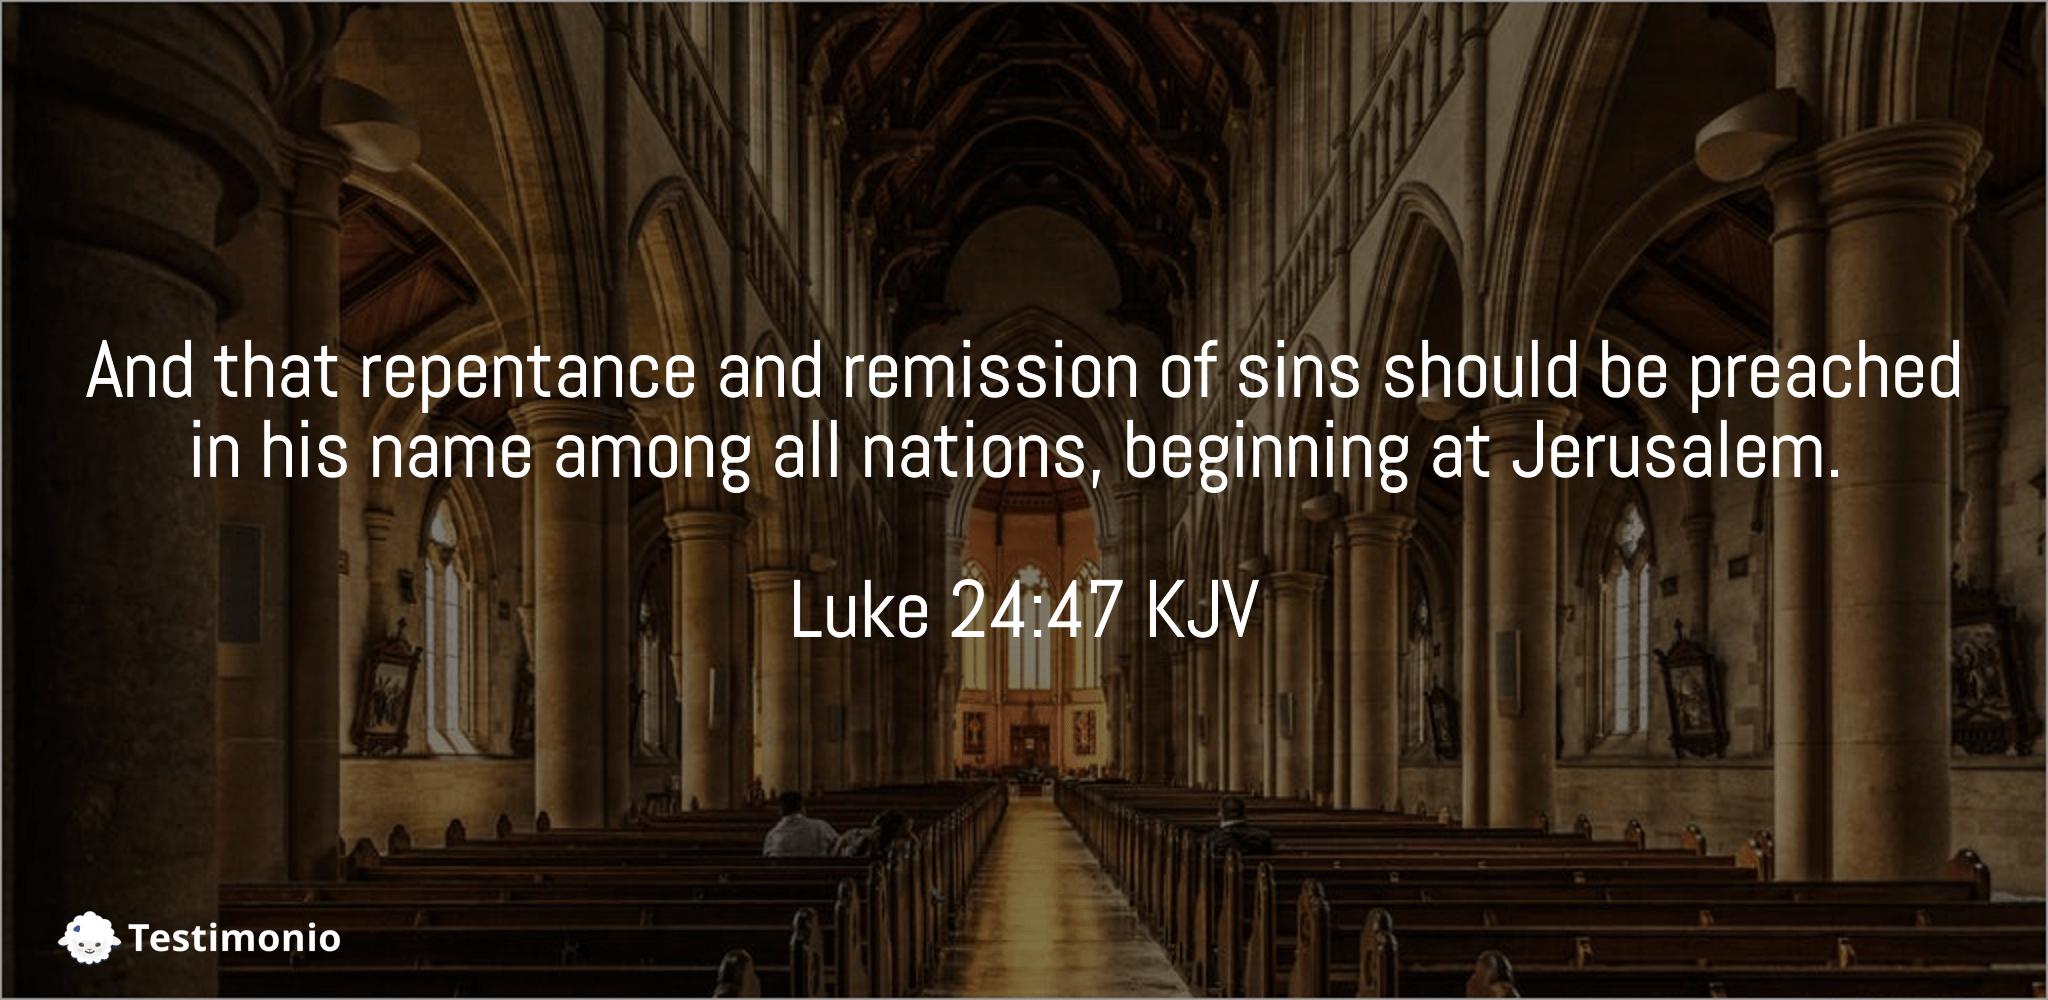 Luke 24:47